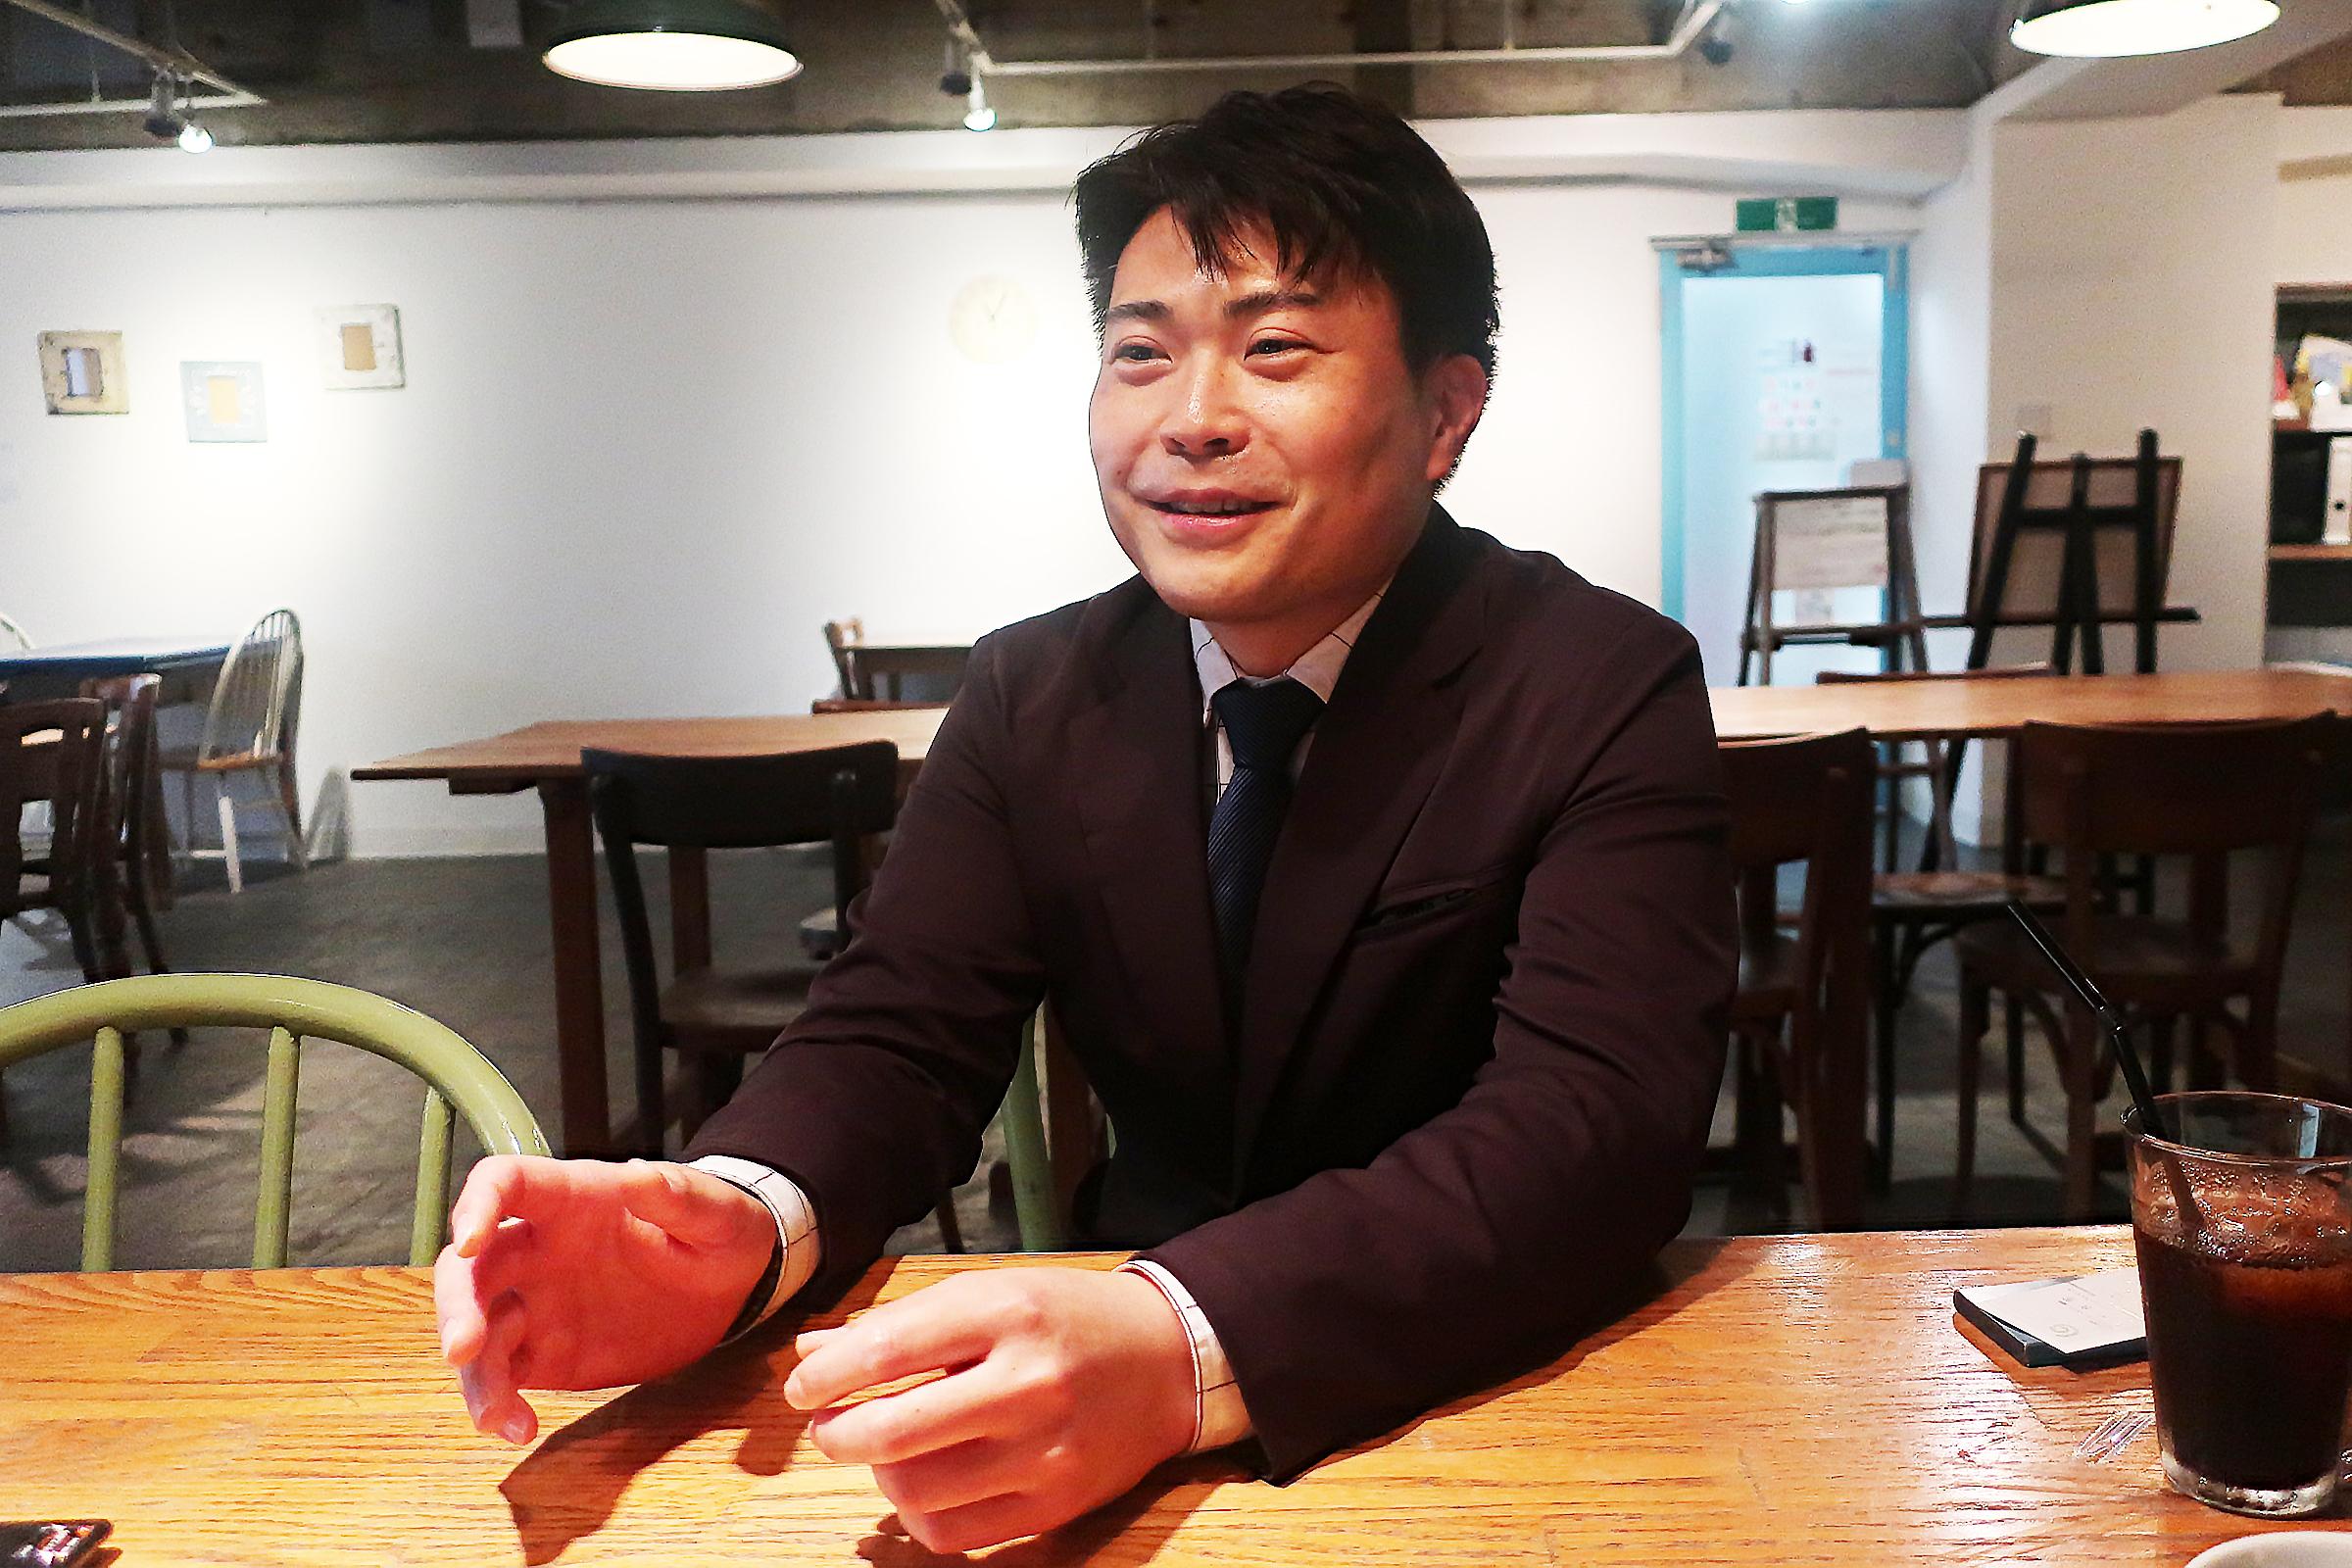 株式会社マリスcreative design 代表取締役和田康宏氏